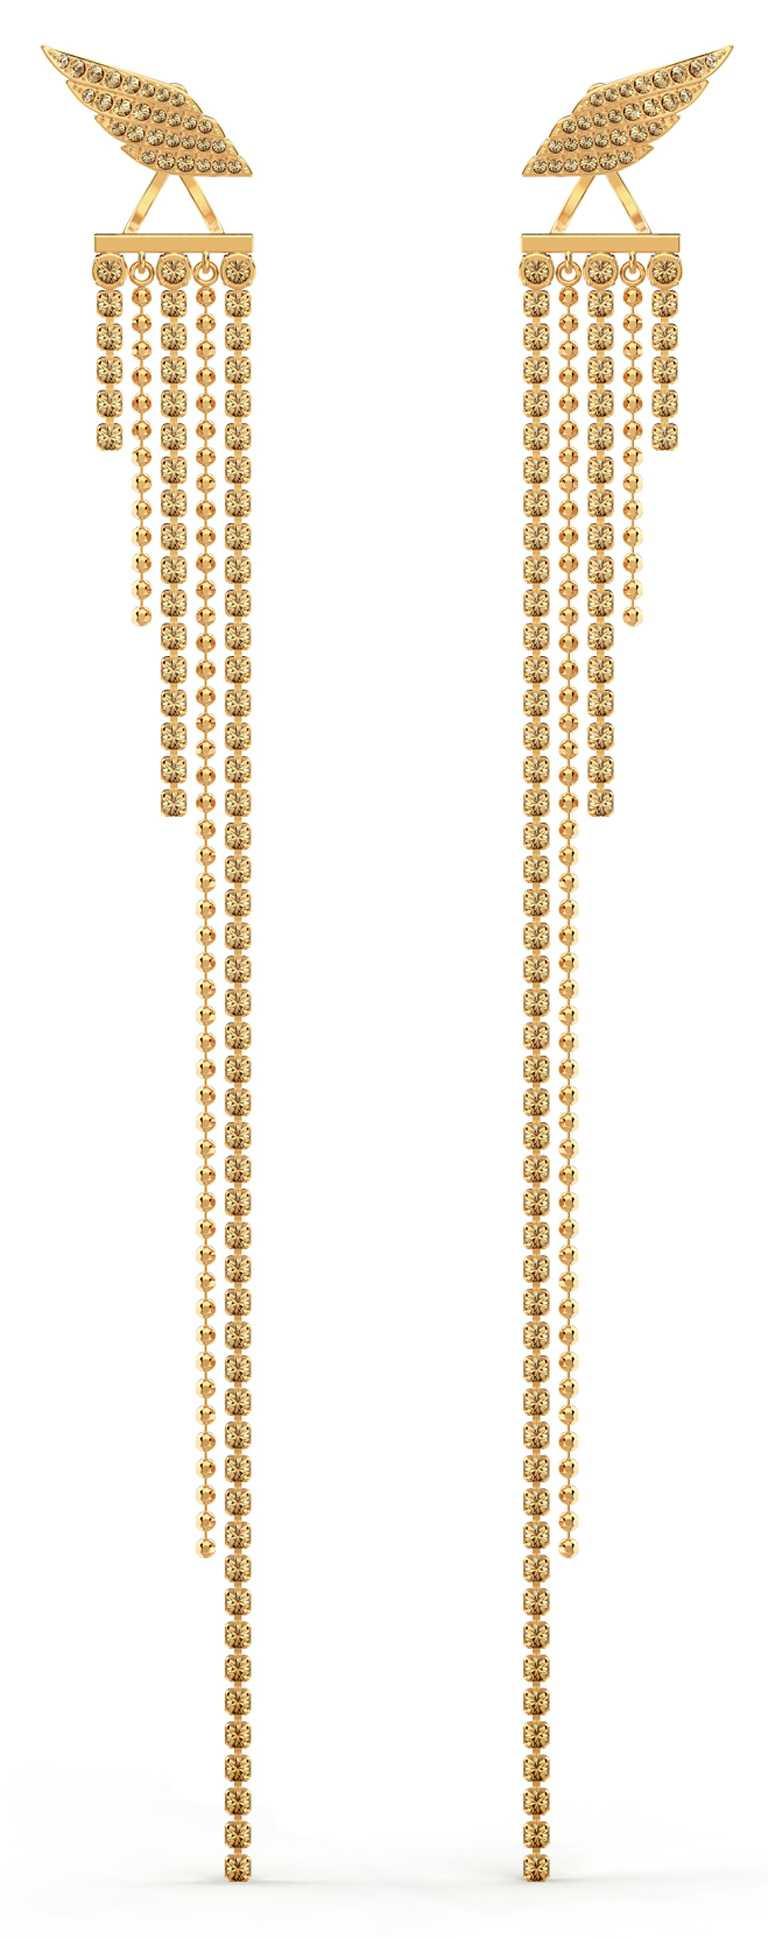 SWAROVSKI「Fit Wonder Woman」水晶流蘇耳環╱7,990元。(圖╱SWAROVSKI提供)